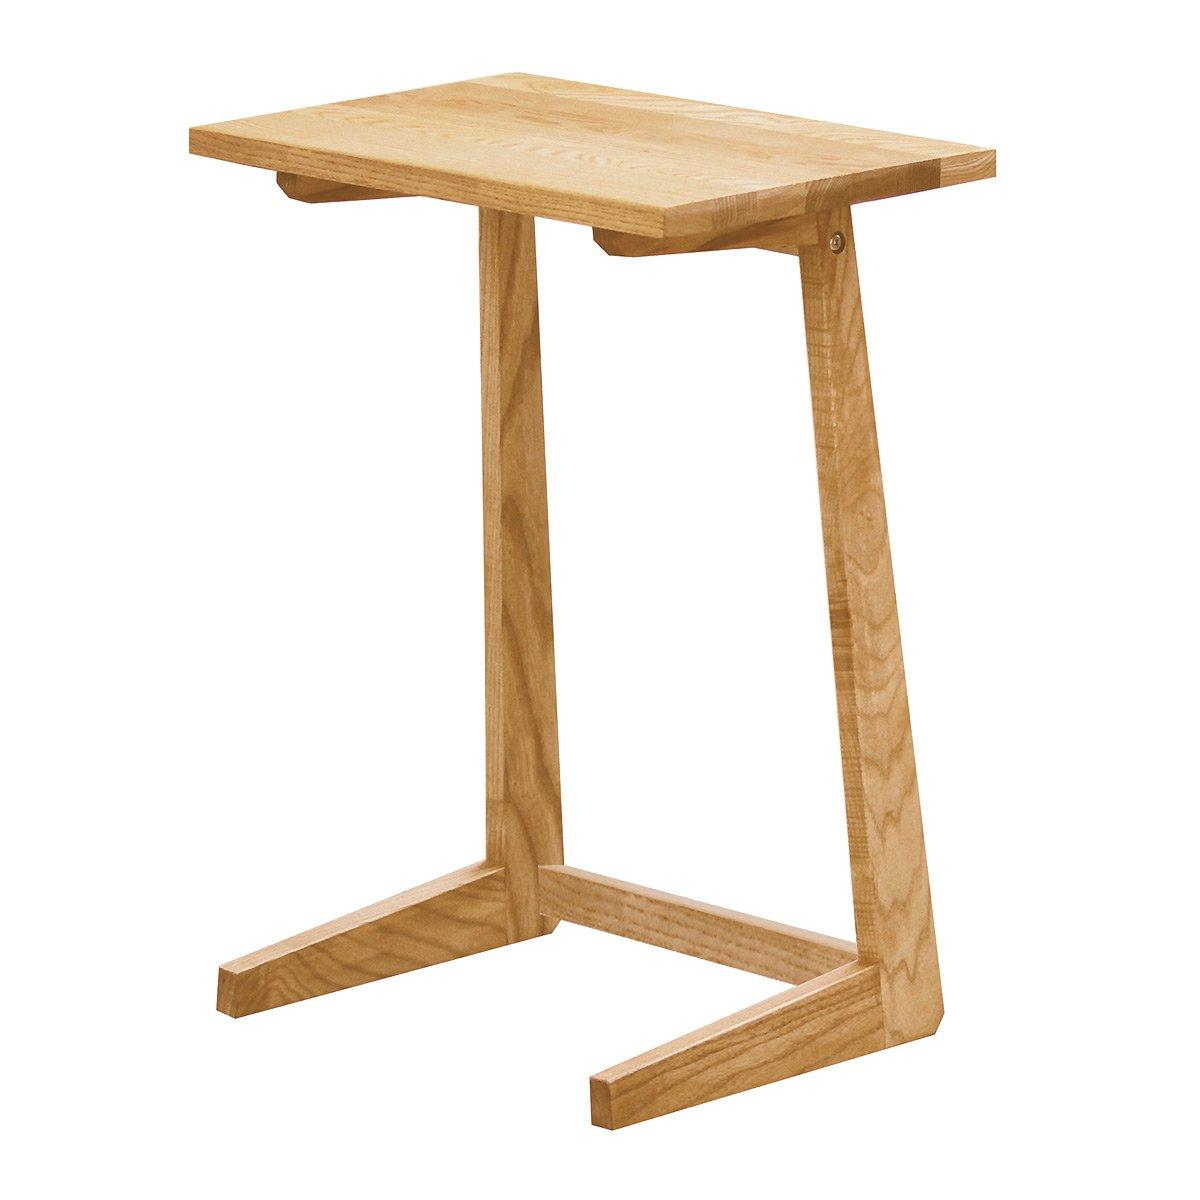 モンド サイドテーブル ベッドサイドテーブル ナイトテーブル 木製 タモ無垢 幅45cm - B06XRSPV6D